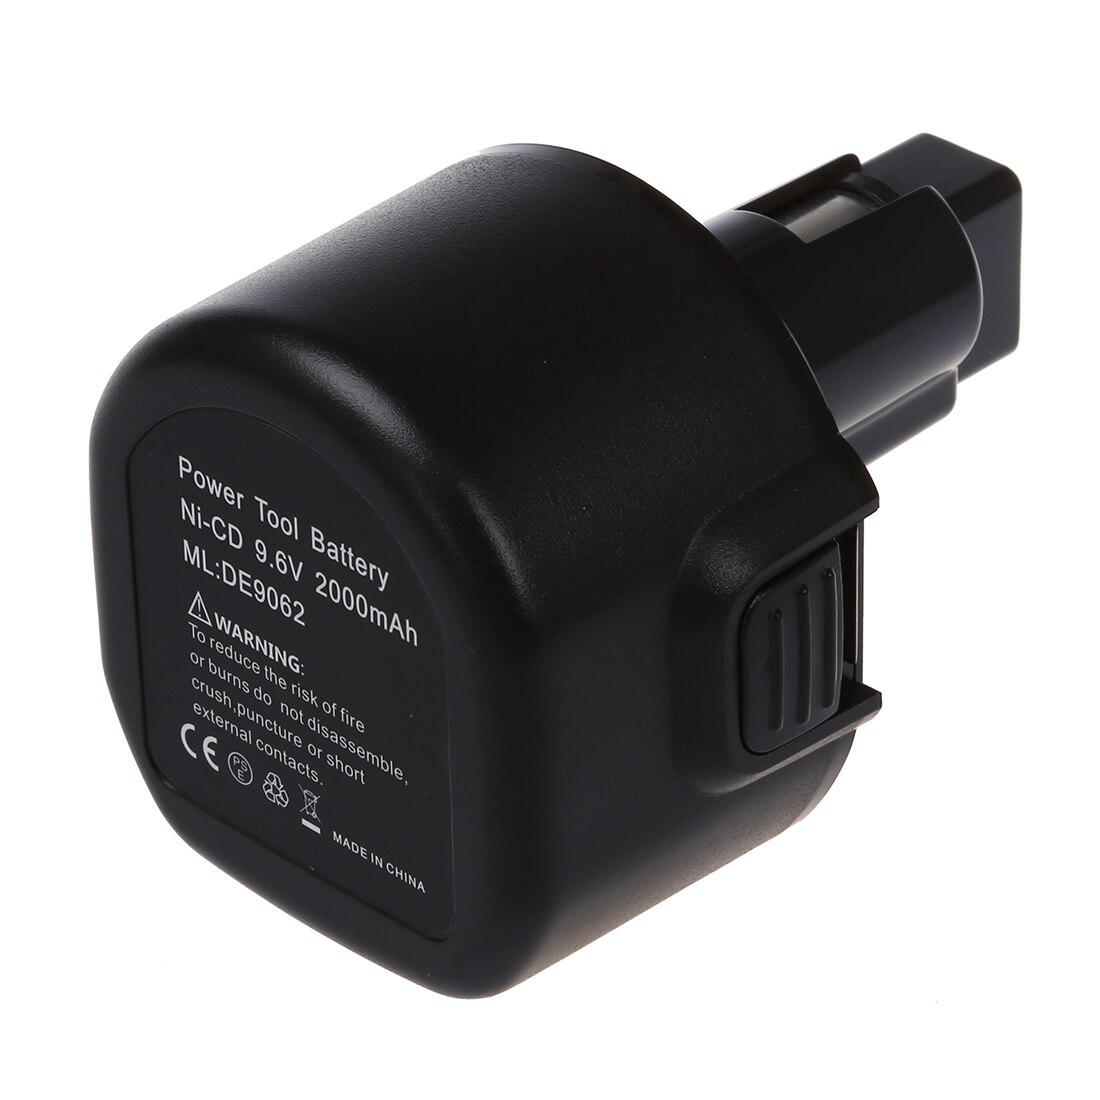 Замена Электроинструменты Батарея для <font><b>Dewalt</b></font> DC750KA, DW955K-2, совместимые артикулы: DE9036, DE9061, DW9062, черный